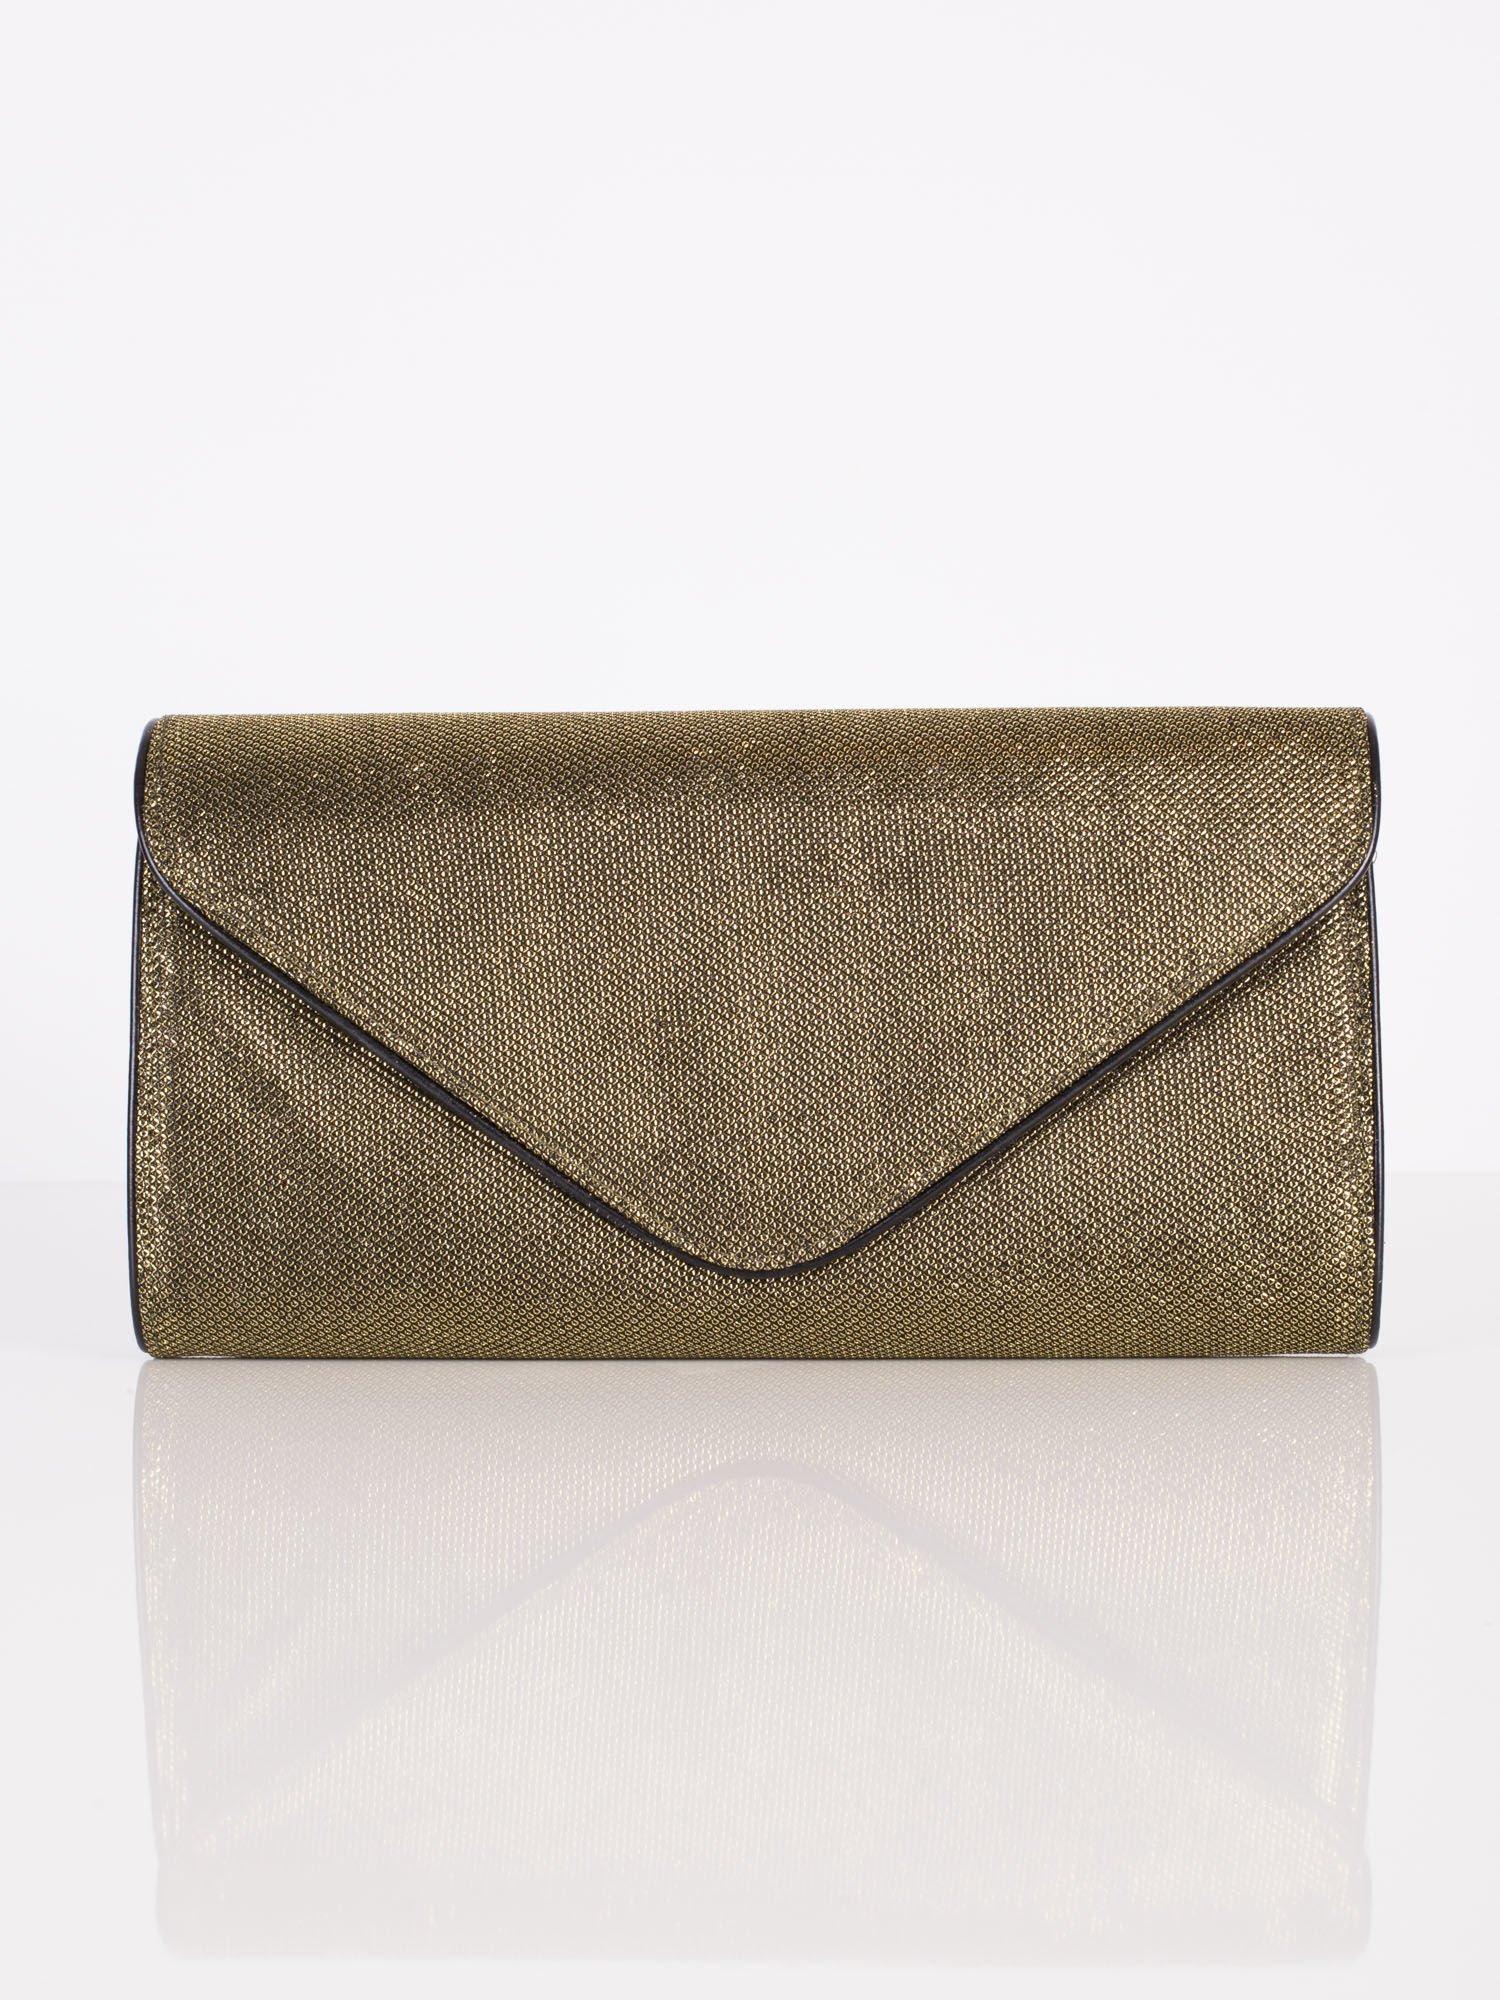 339c405adf56f Duża błyszcząca kopertówka z lamówką czarno-złota - Akcesoria torba ...